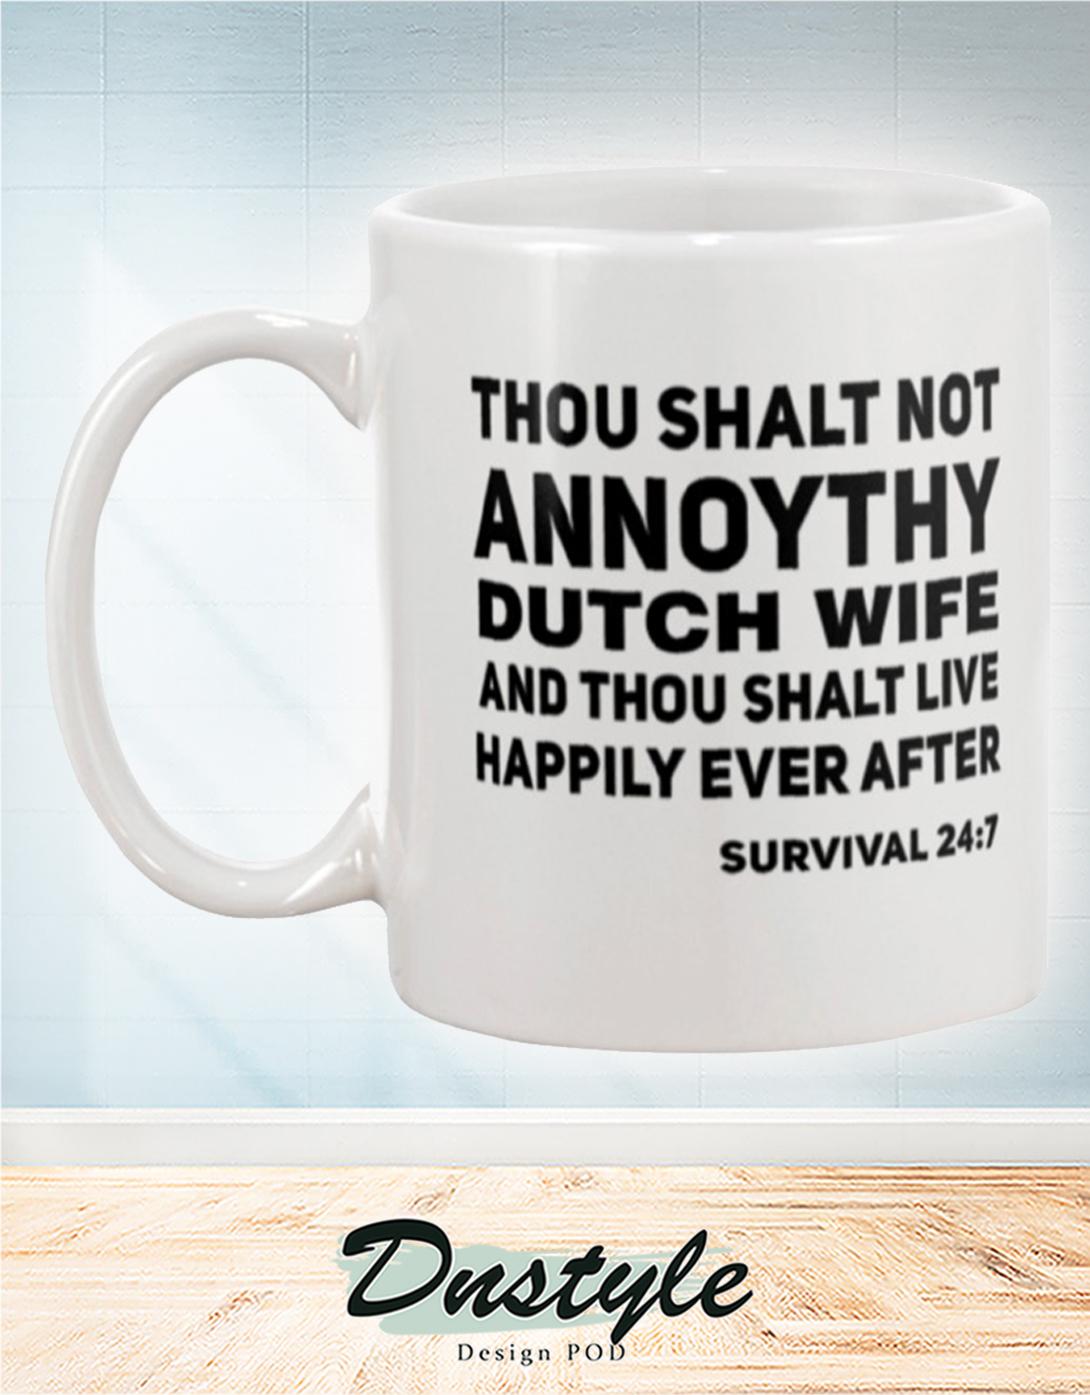 Thou shalt not annoythy dutch wife mug 1